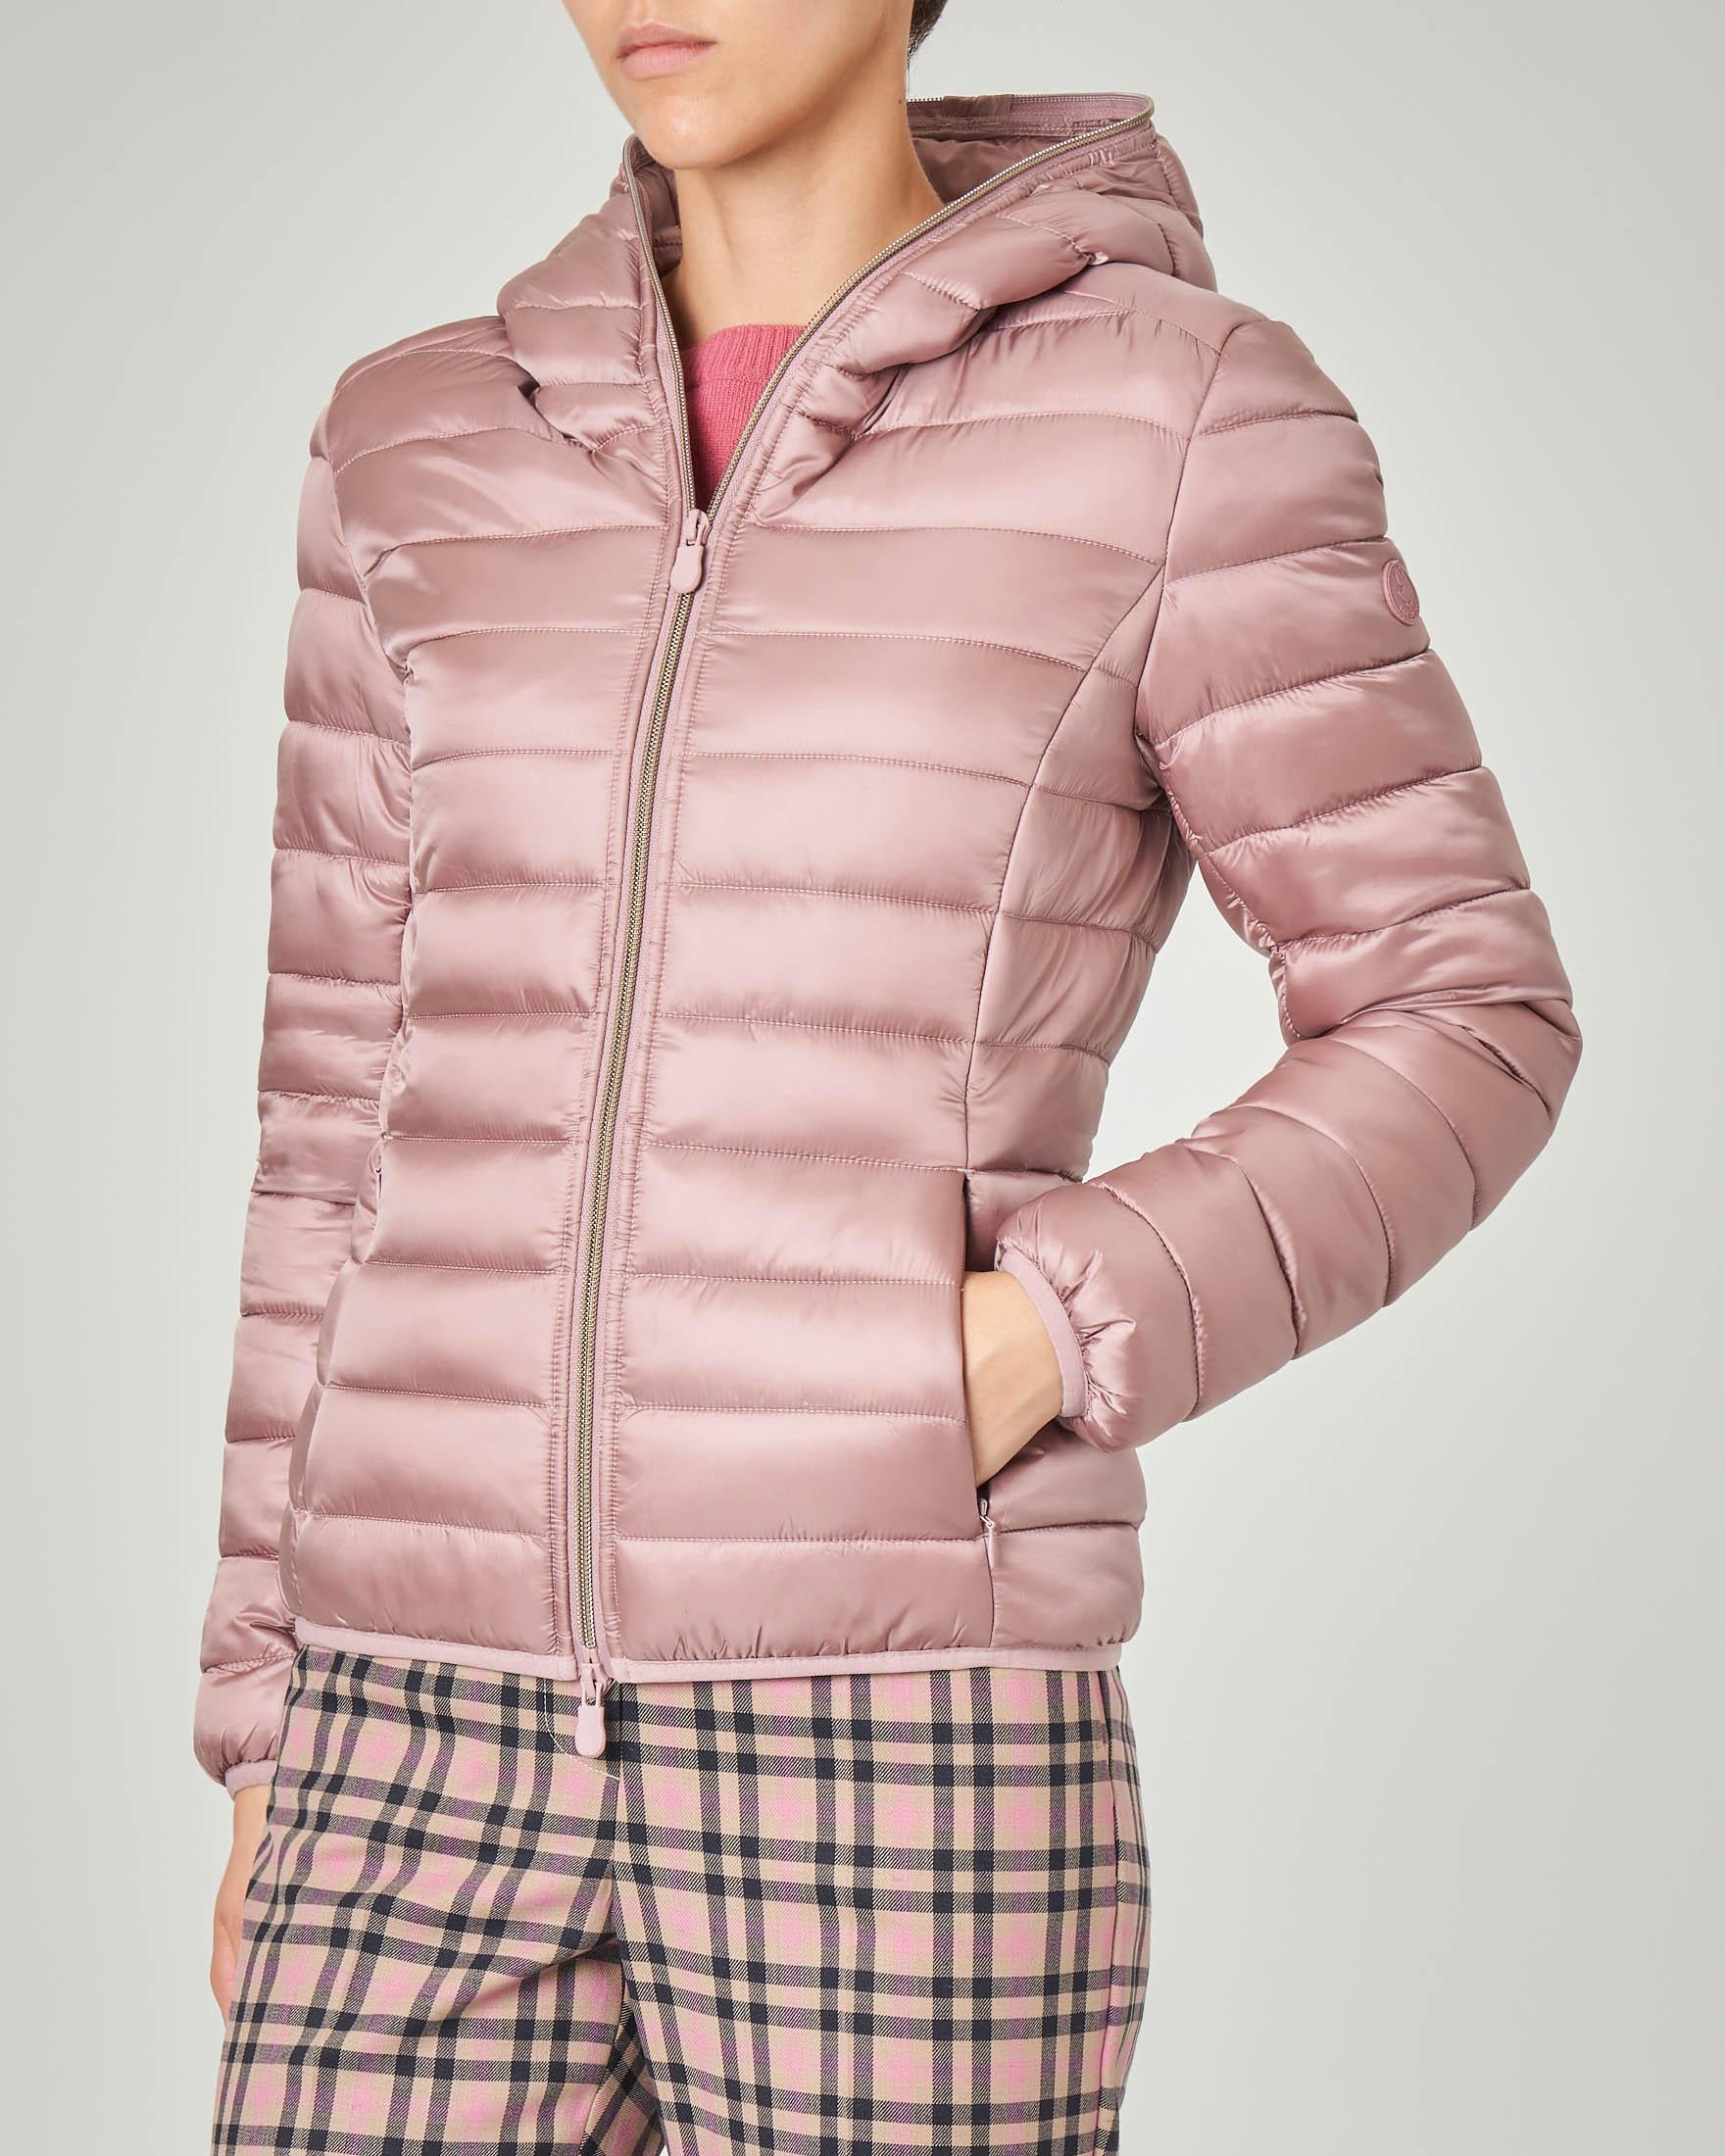 Piumino corto rosa ancitoc sfiancato con cappuccio